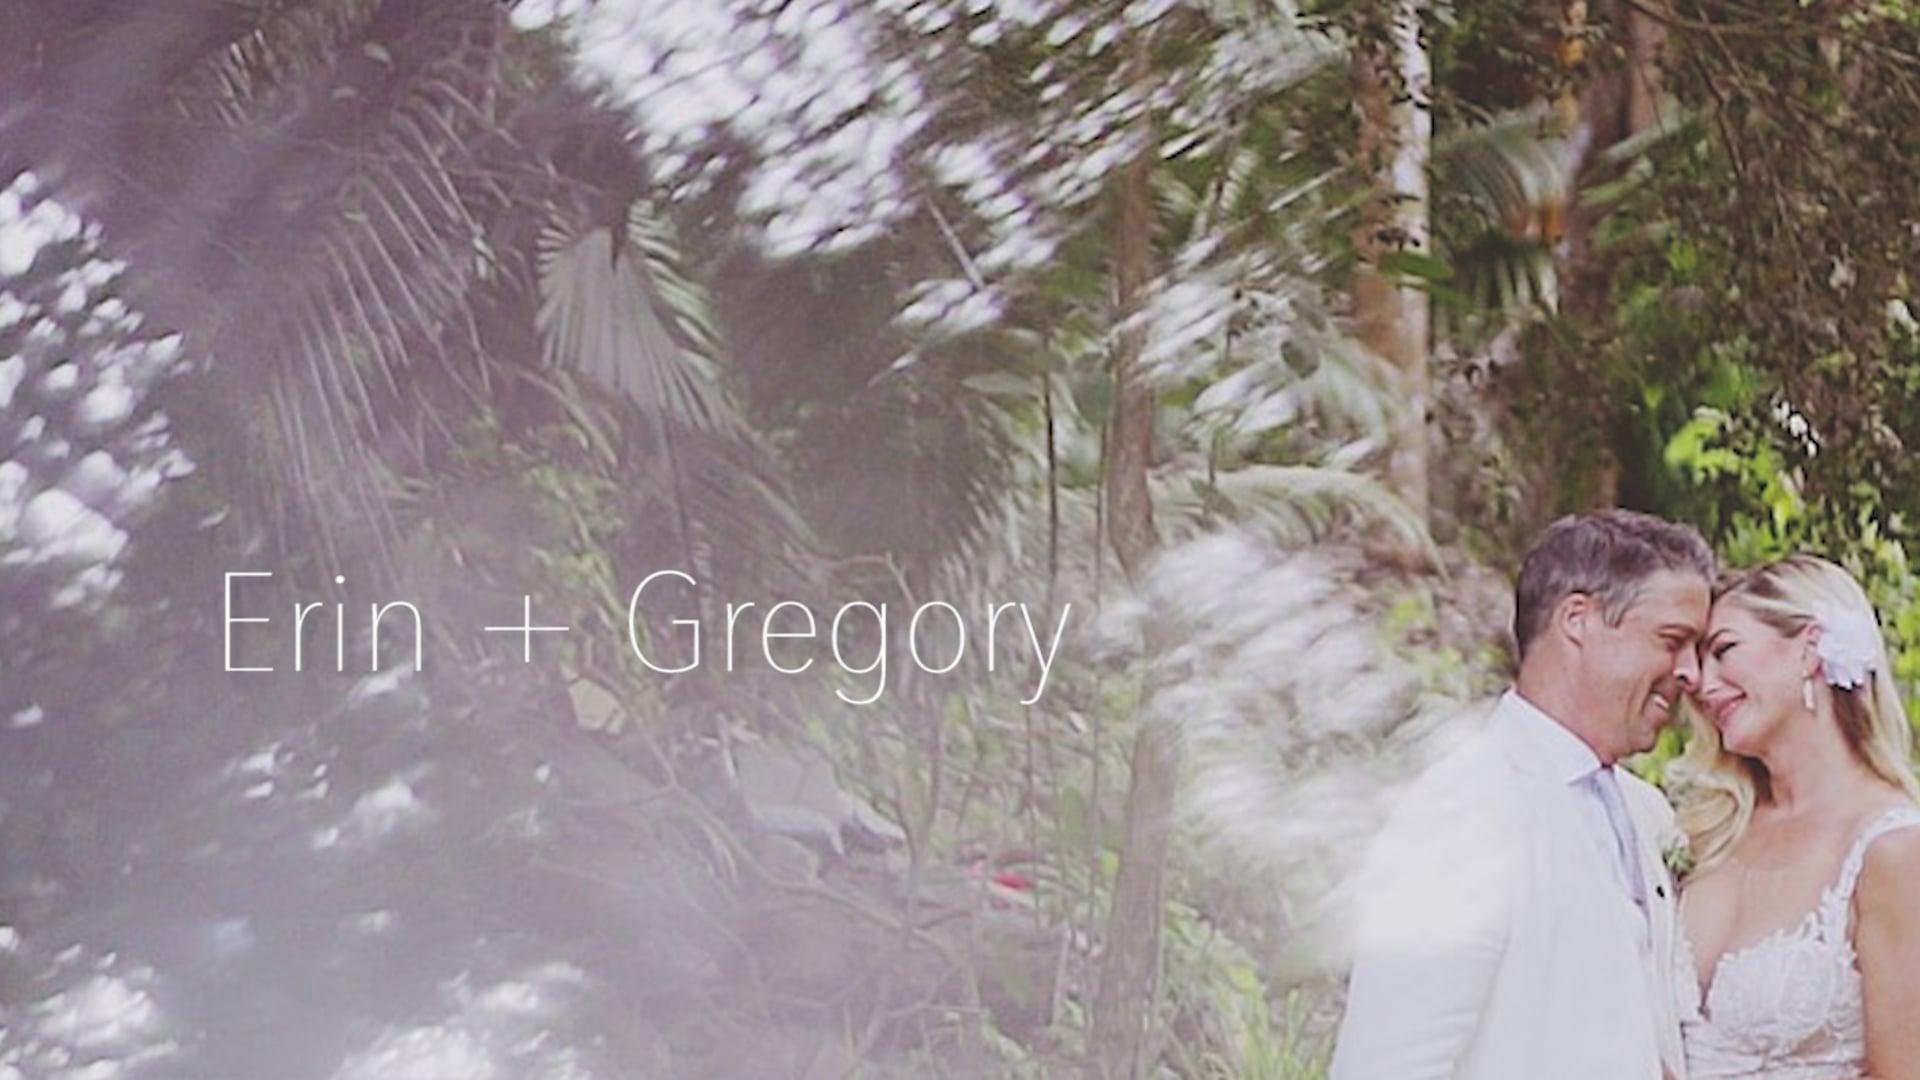 Erin + Gregory